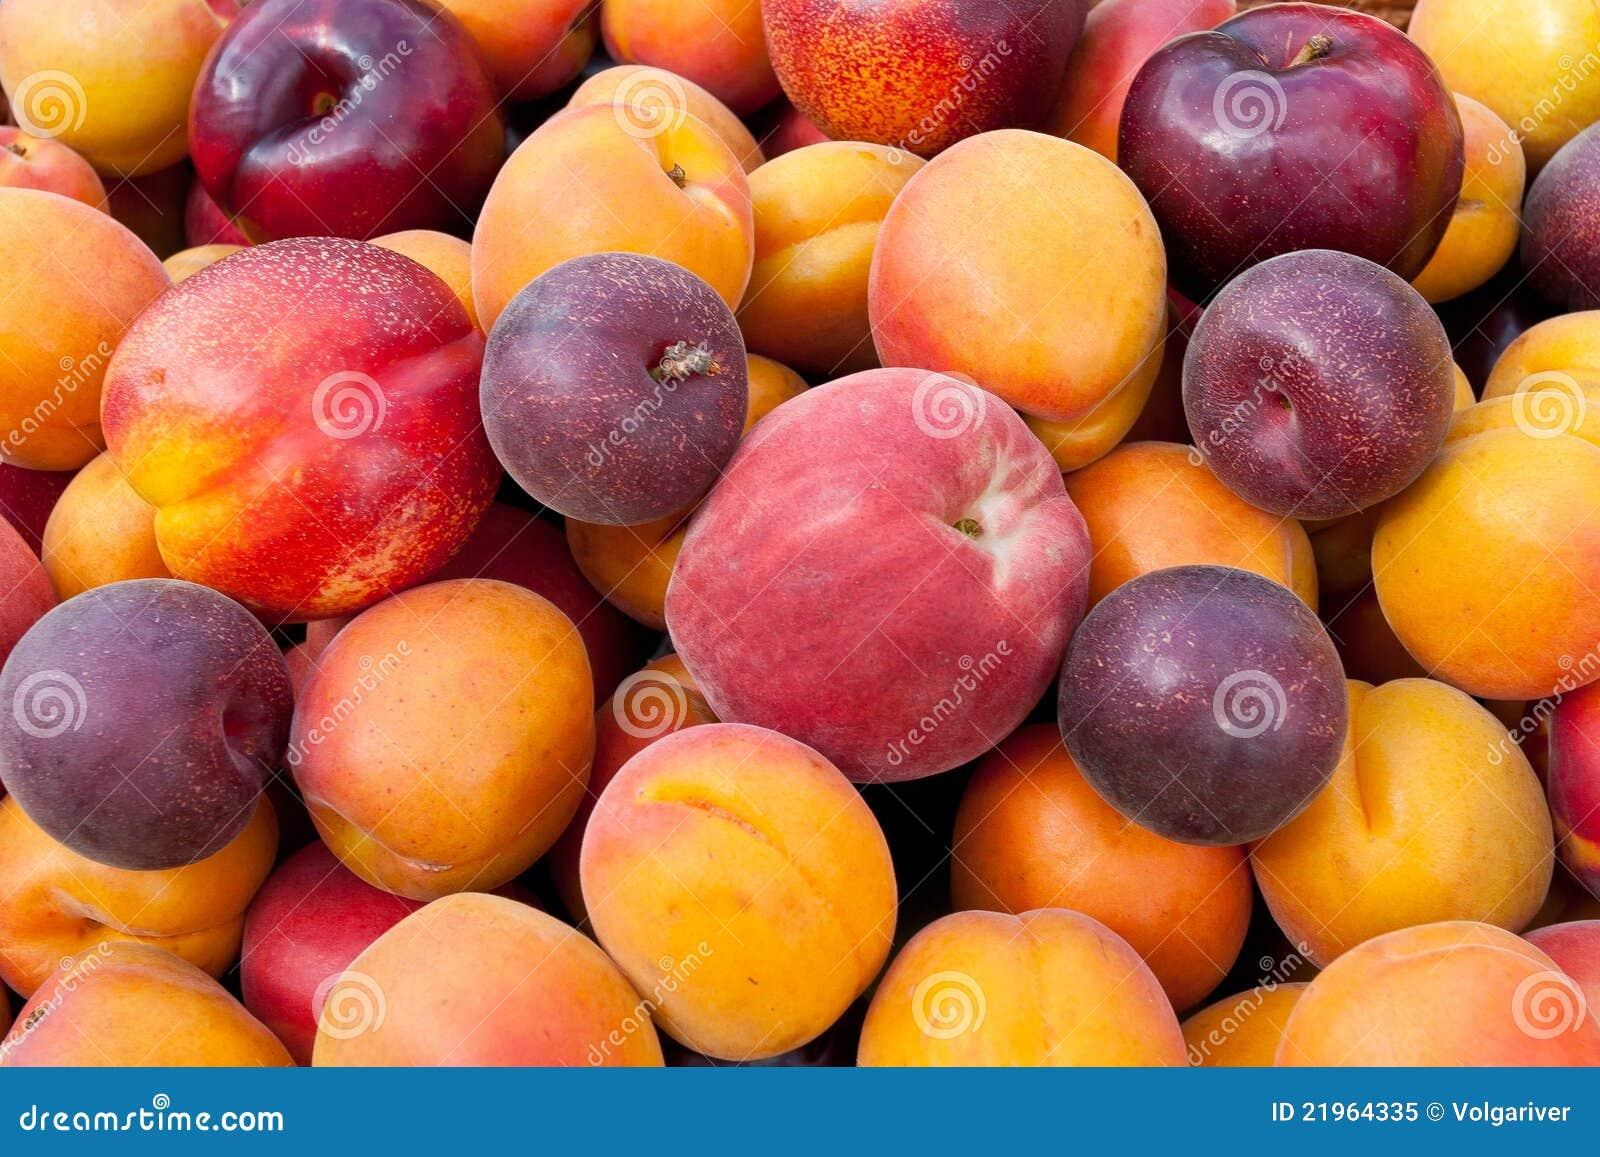 Färgrik fruktstapel